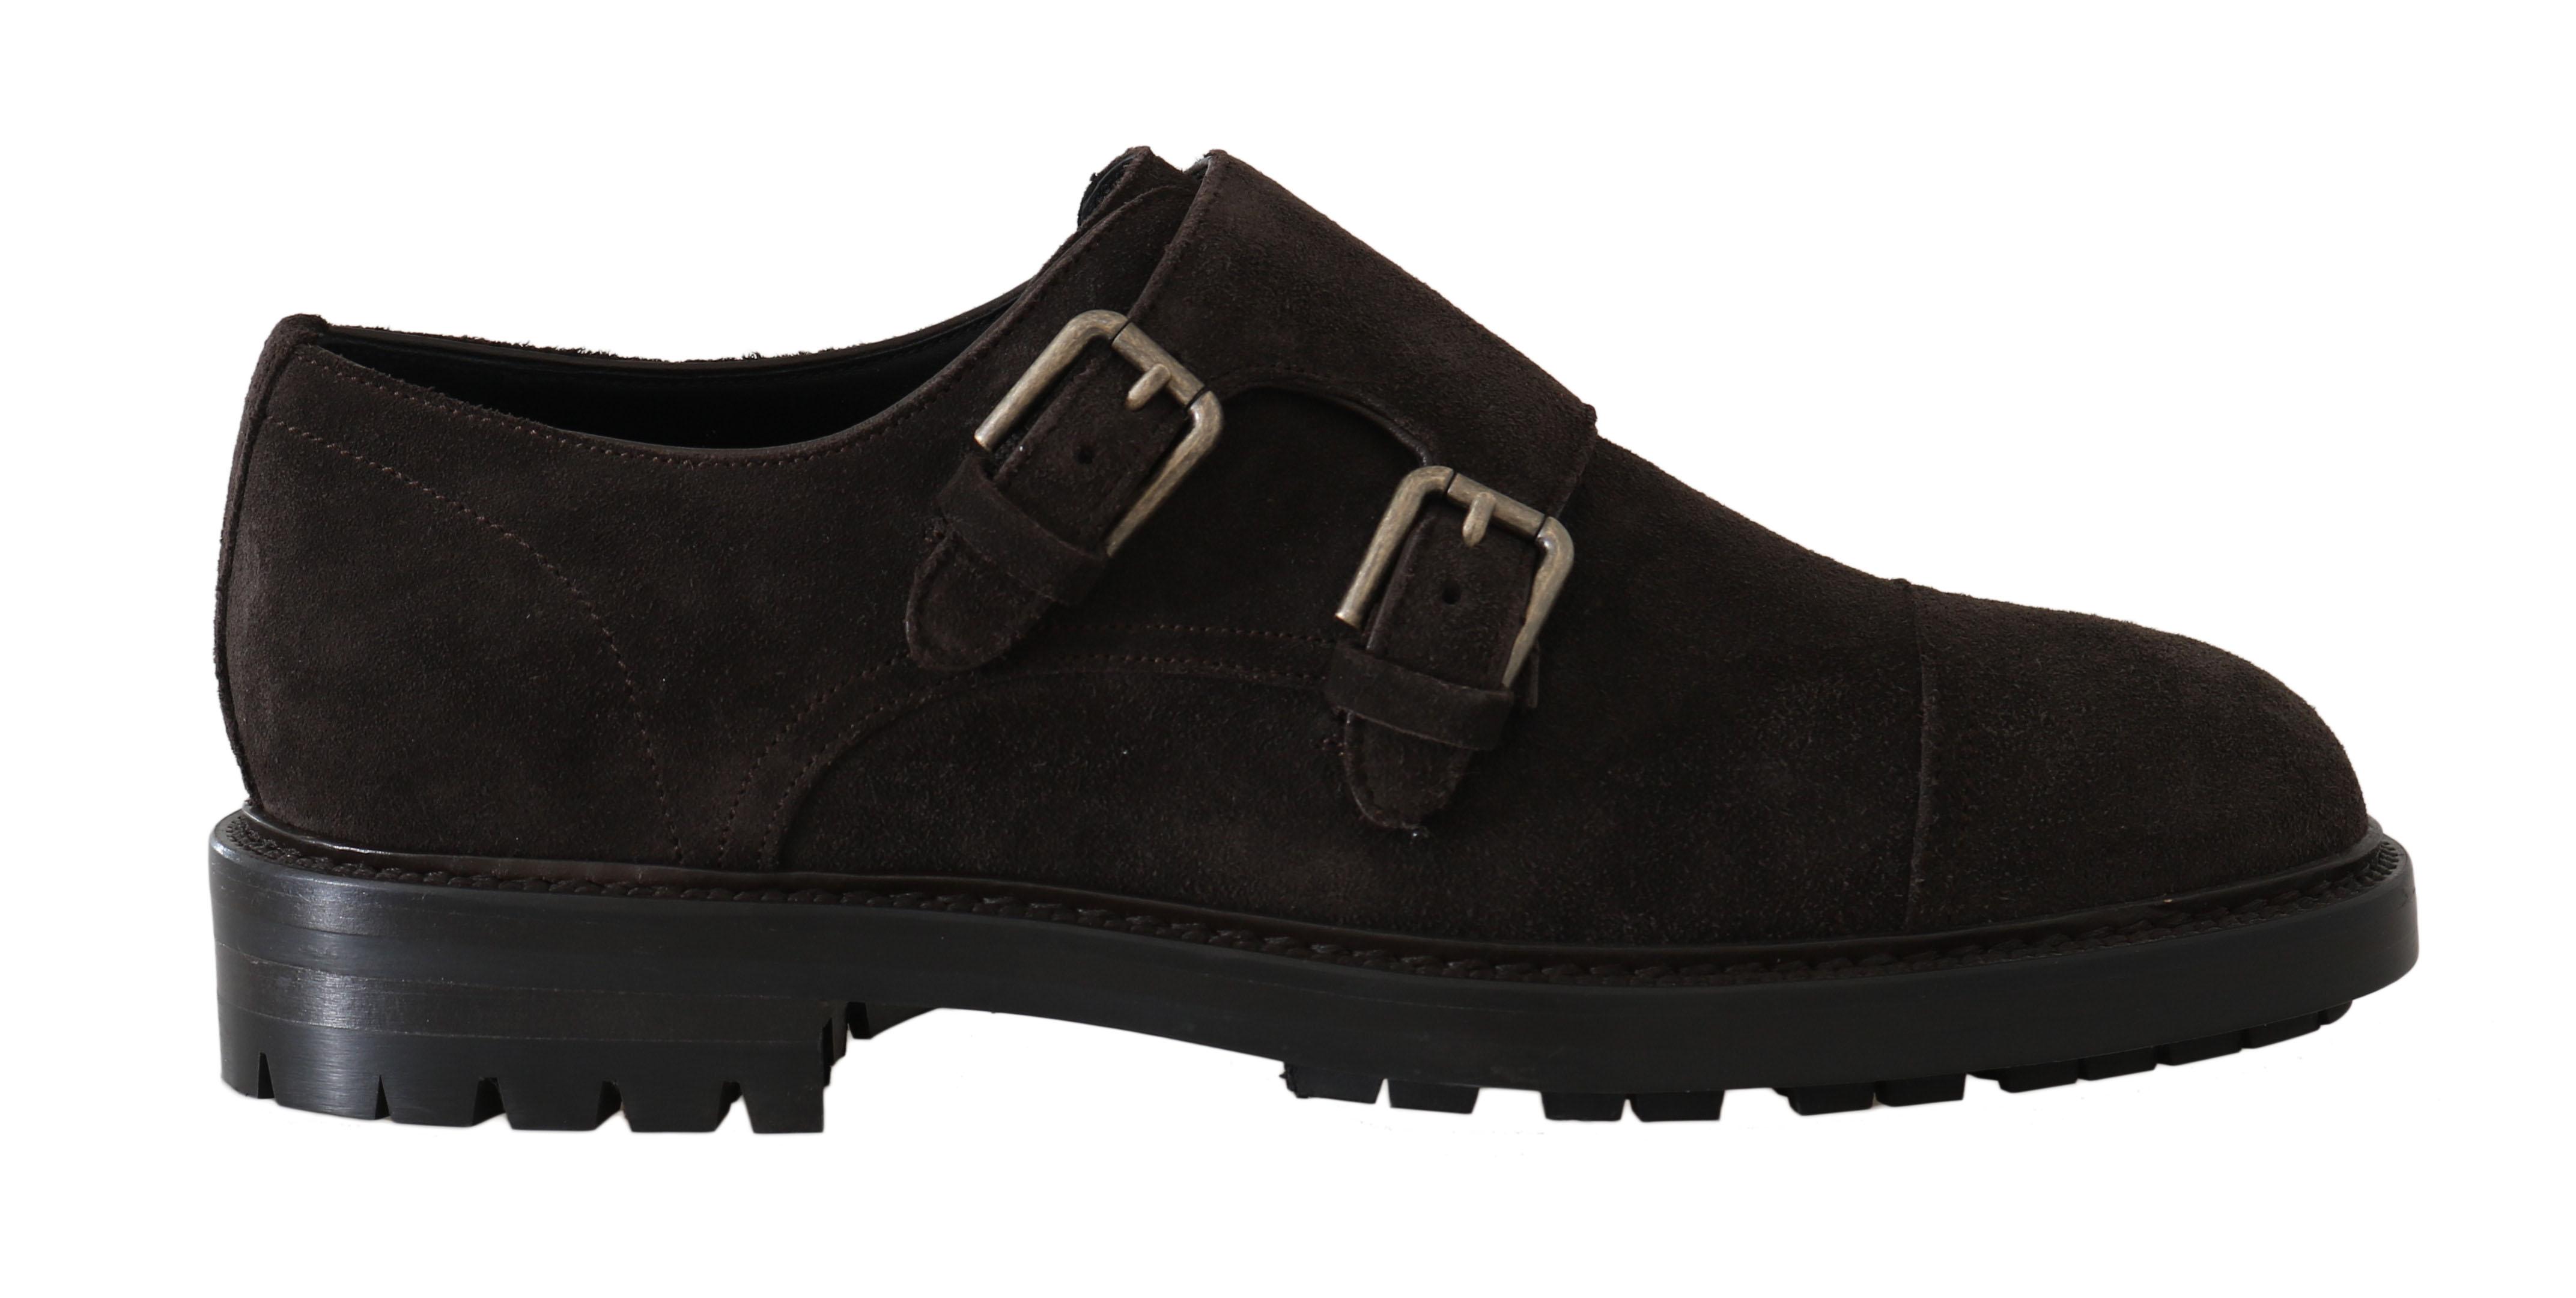 Dolce & Gabbana Men's Leather Monkstrap Derby Shoes Brown MV2052 - EU40/US7